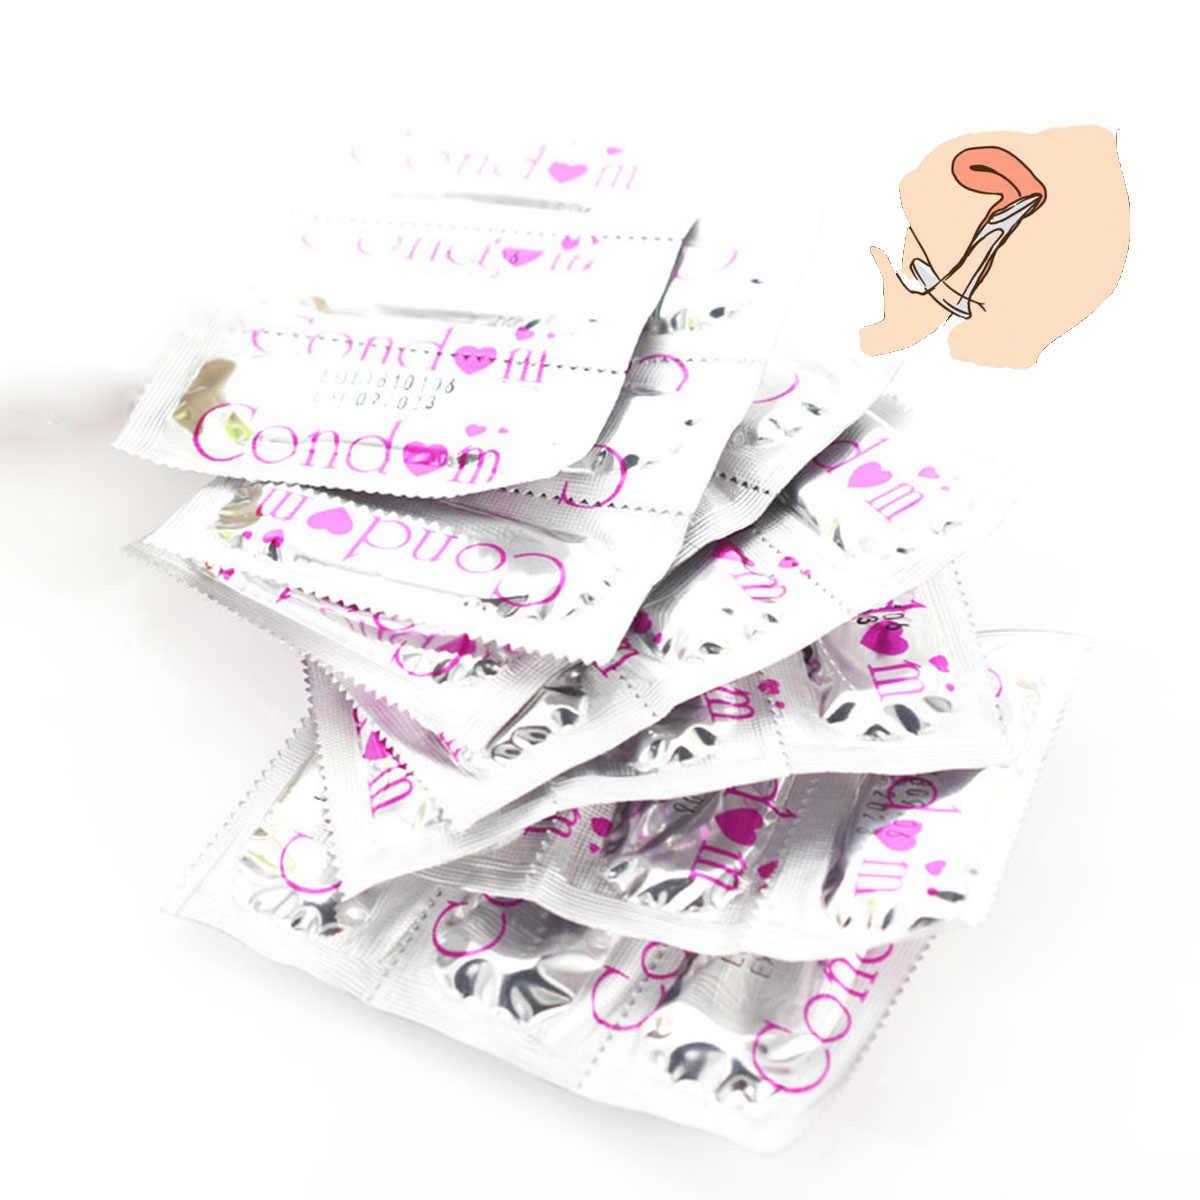 Baru Kondom 1 Pcs Ultra Tipis Ayam Kondom Intim Barang Produk Seks Lateks Karet Alam Penis Lengan Seks untuk Pria 0.09 $/1 Pcs